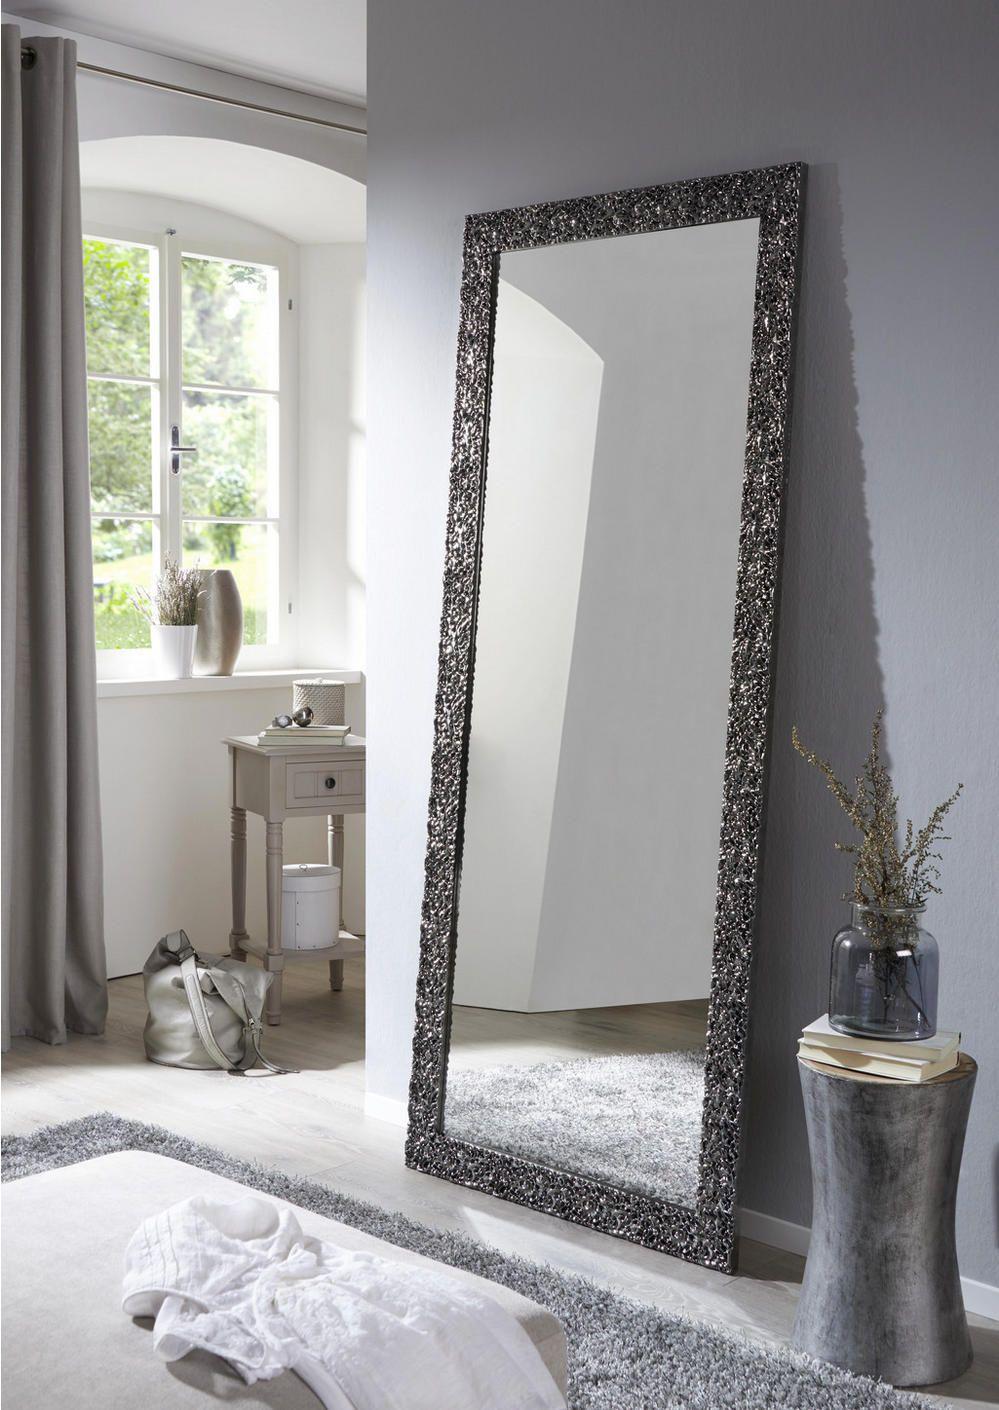 Wandspiegel Standspiegel Spiegel Mit Metallrahmen Deko Spiegel